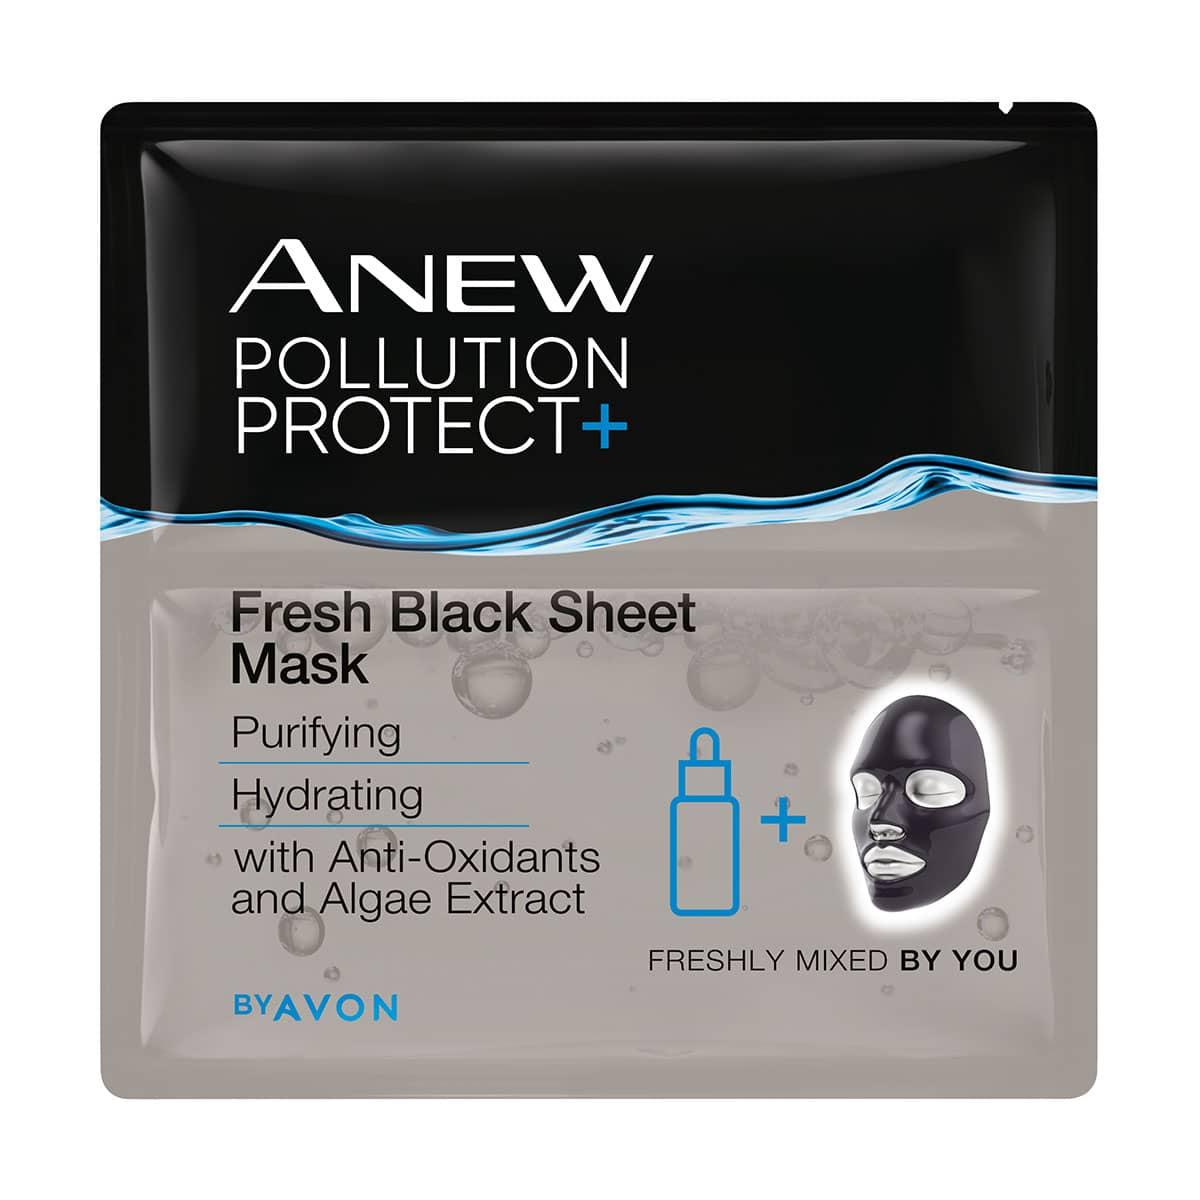 أنيو بوليوشن بروتيكيت بلس قناع مطاطي باللون الأسود منعش للبشرة 1358724 3 masks